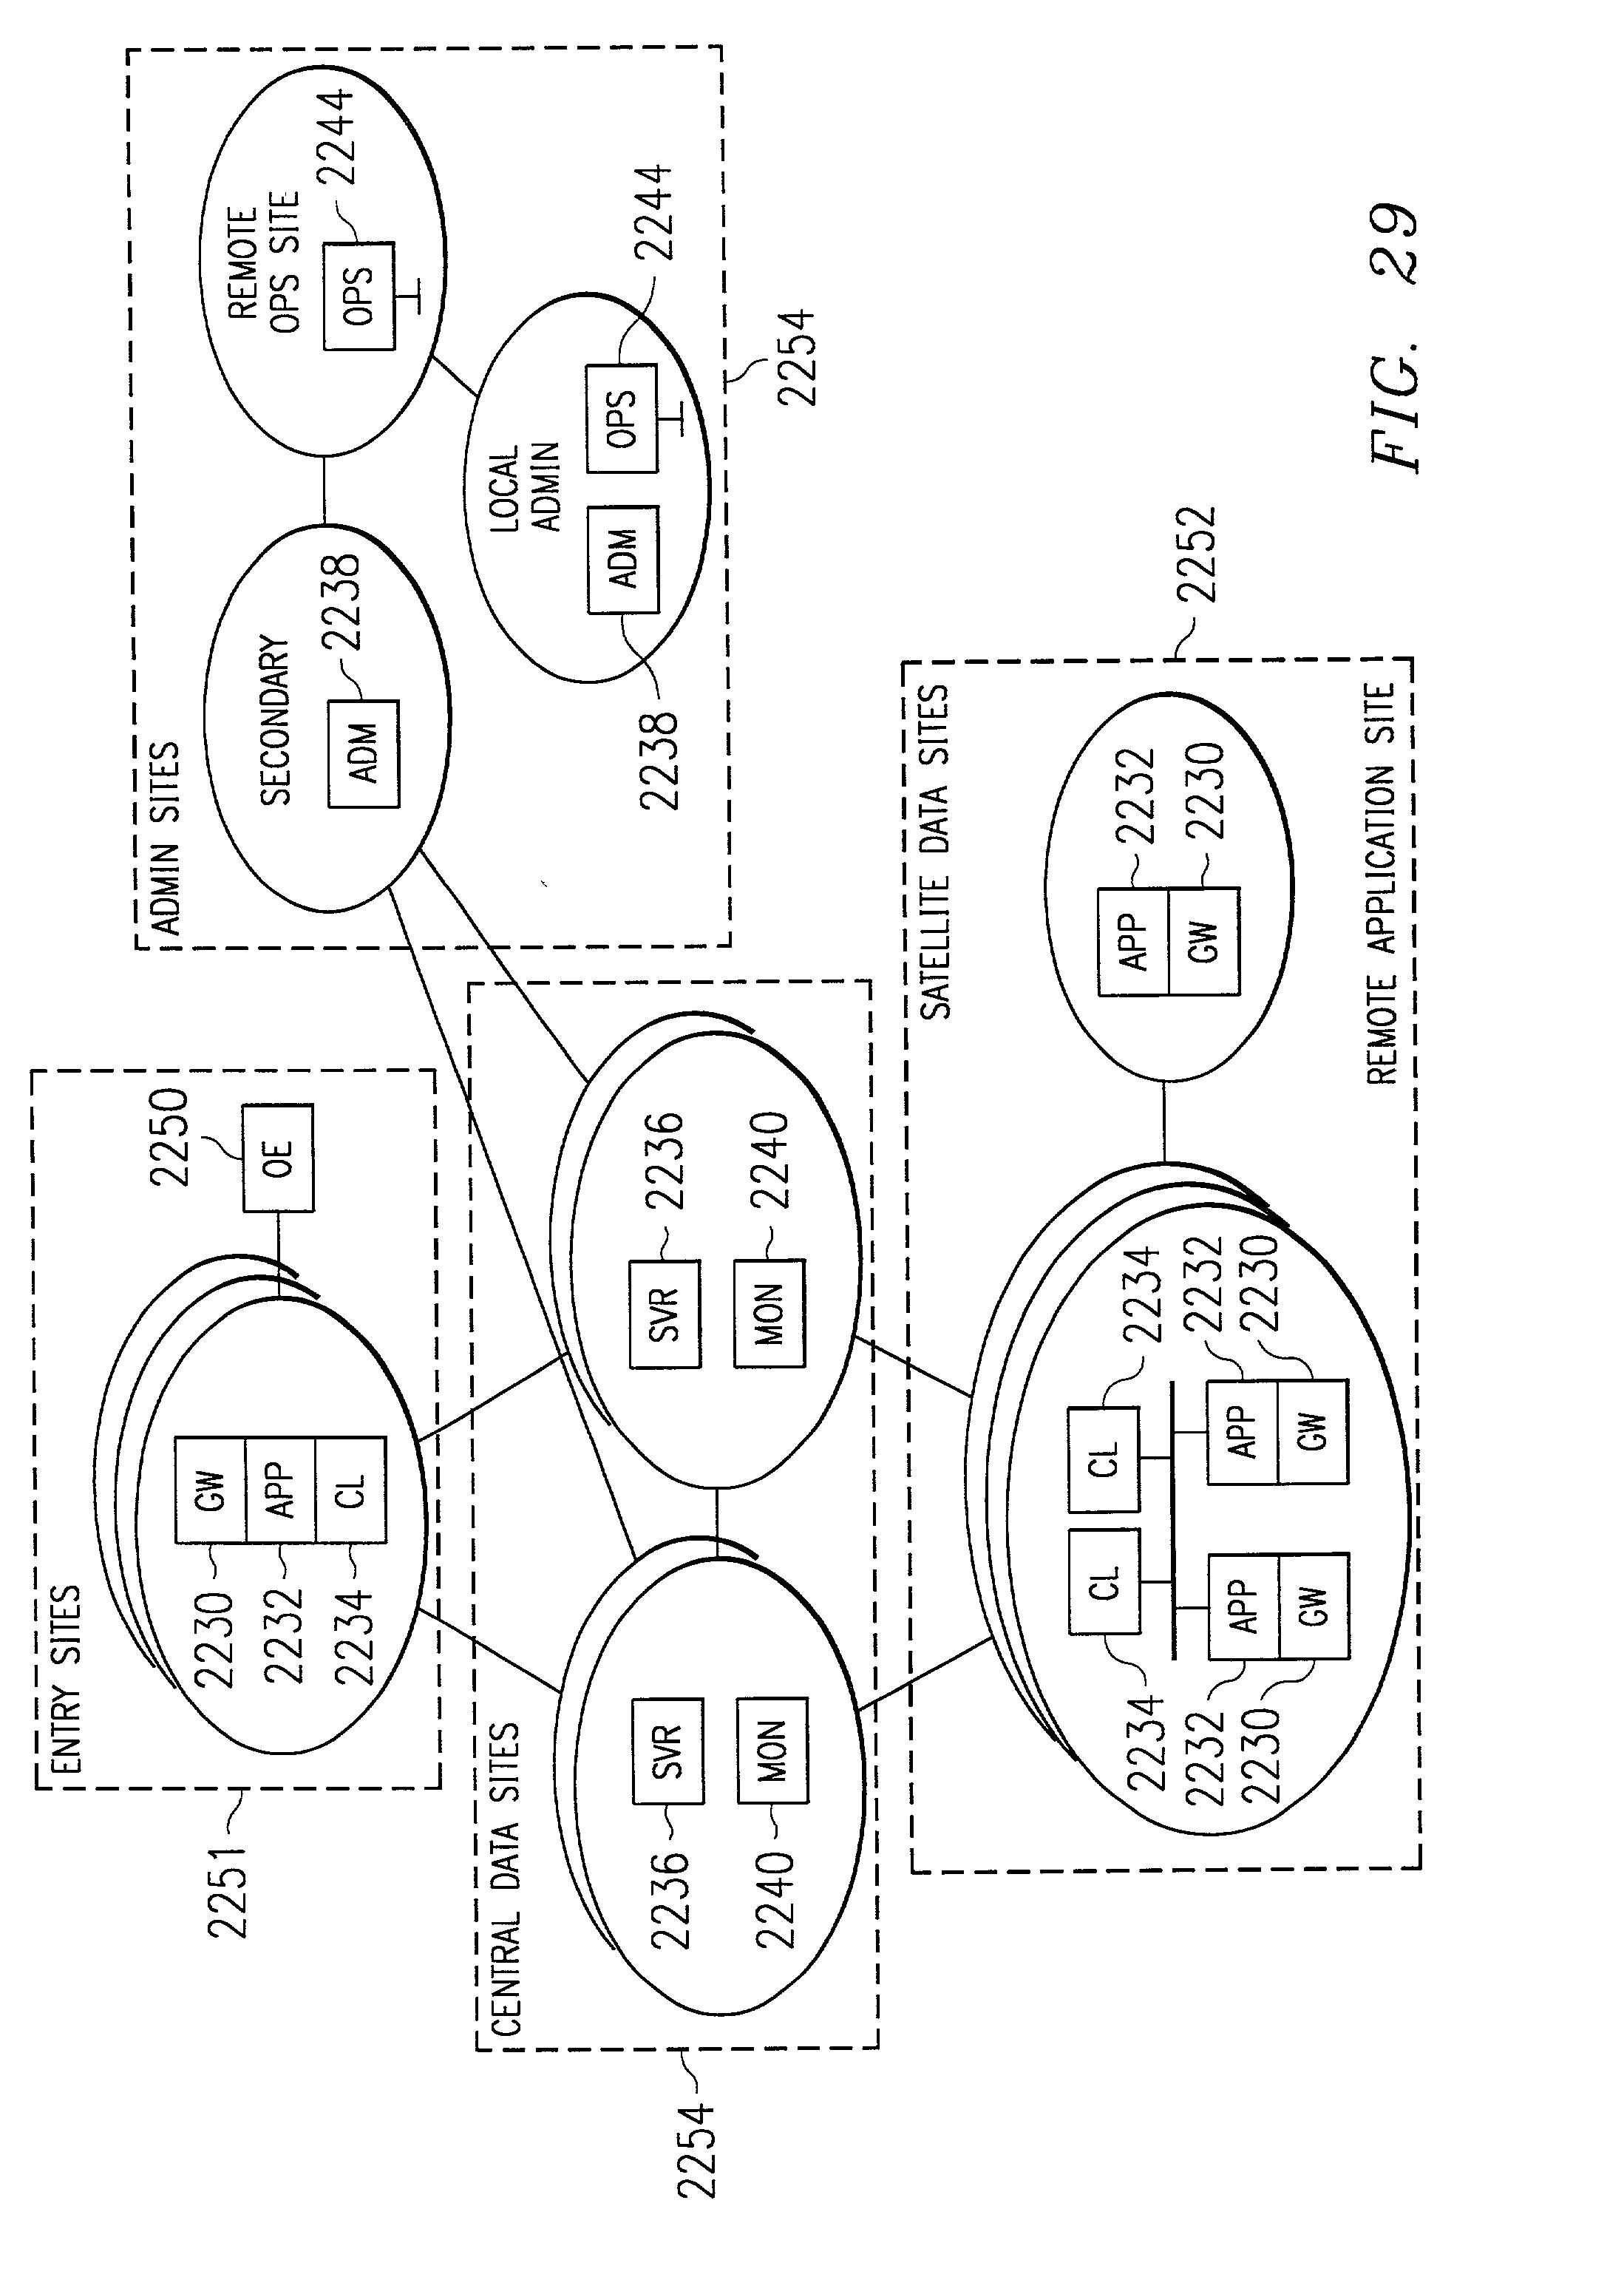 patent us 20020064149a1 Script Film patent images